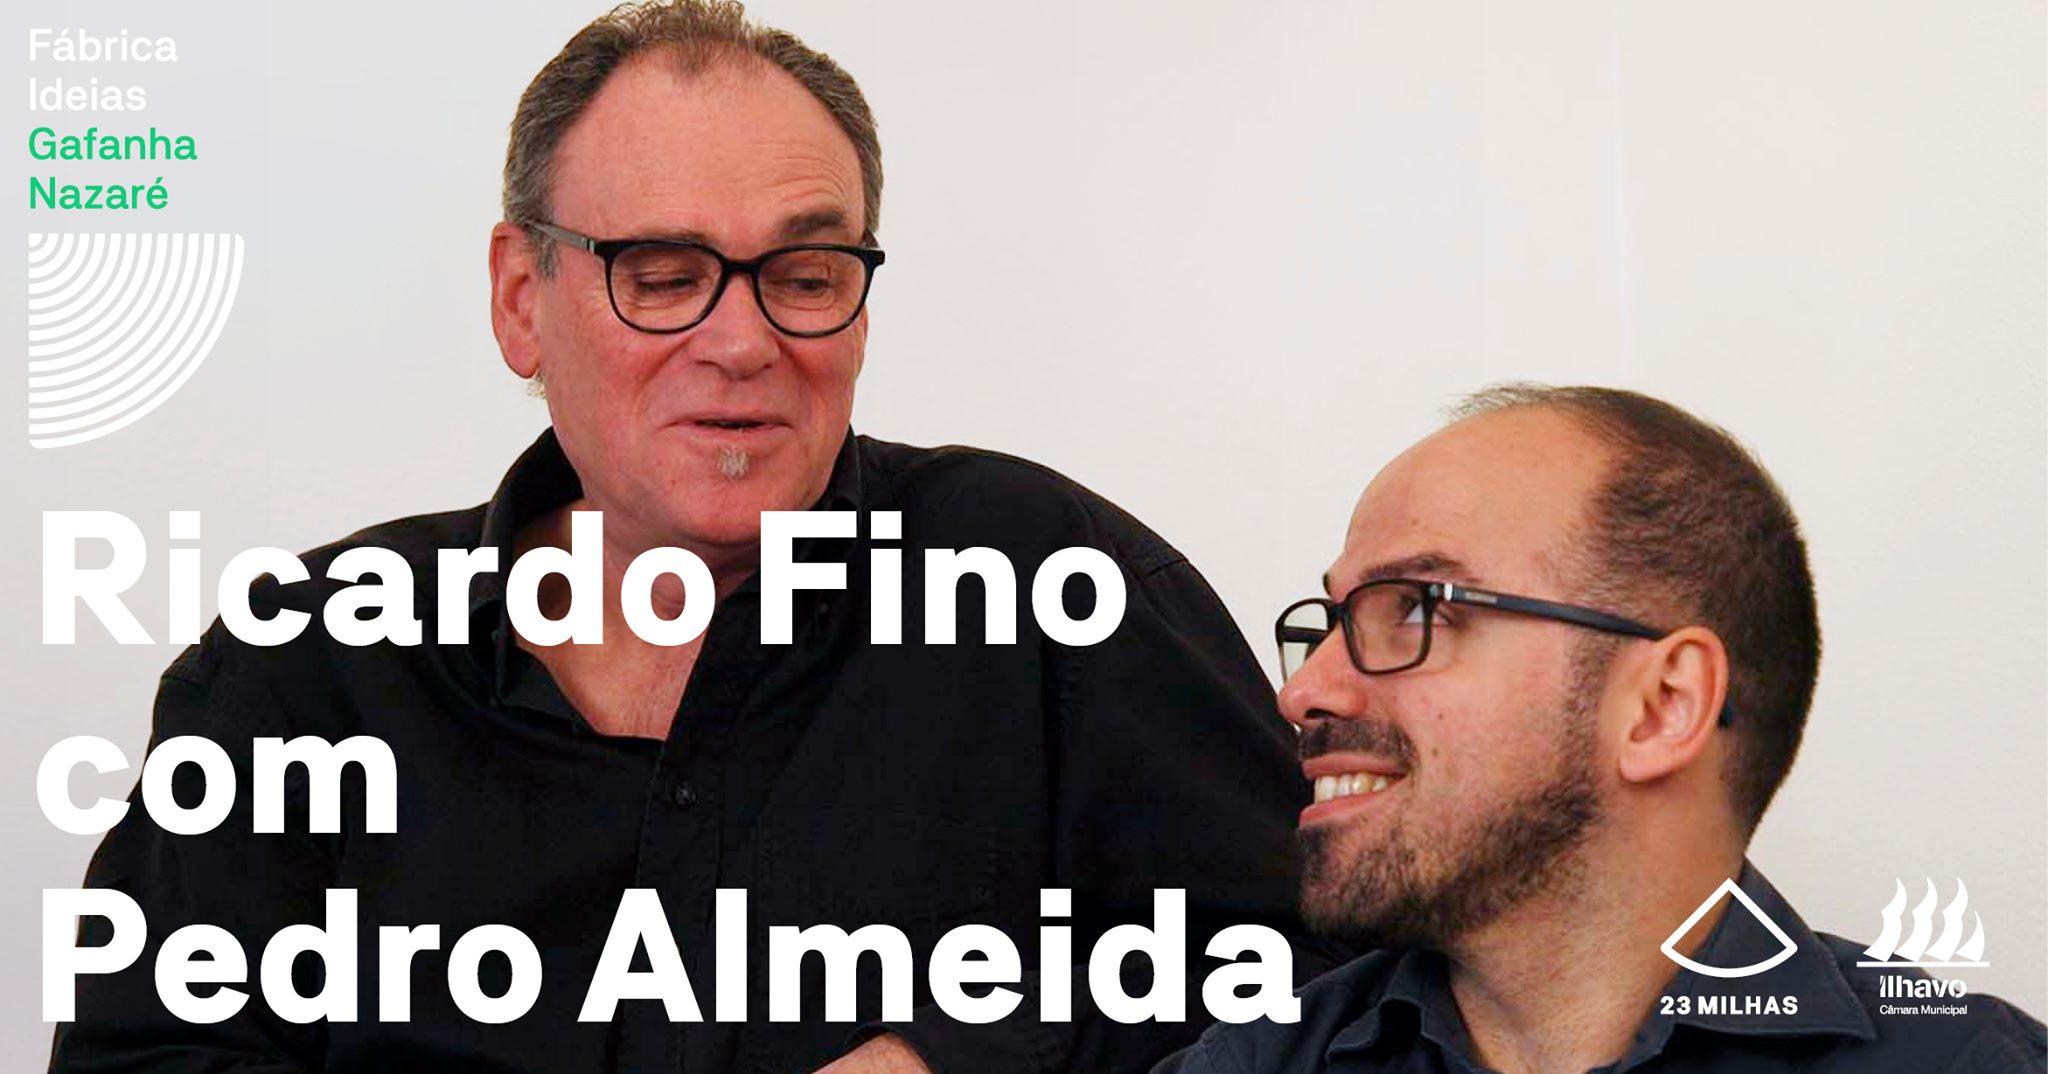 Ricardo Fino com Pedro Almeida e convidados apresentam 'Canções Tardias'